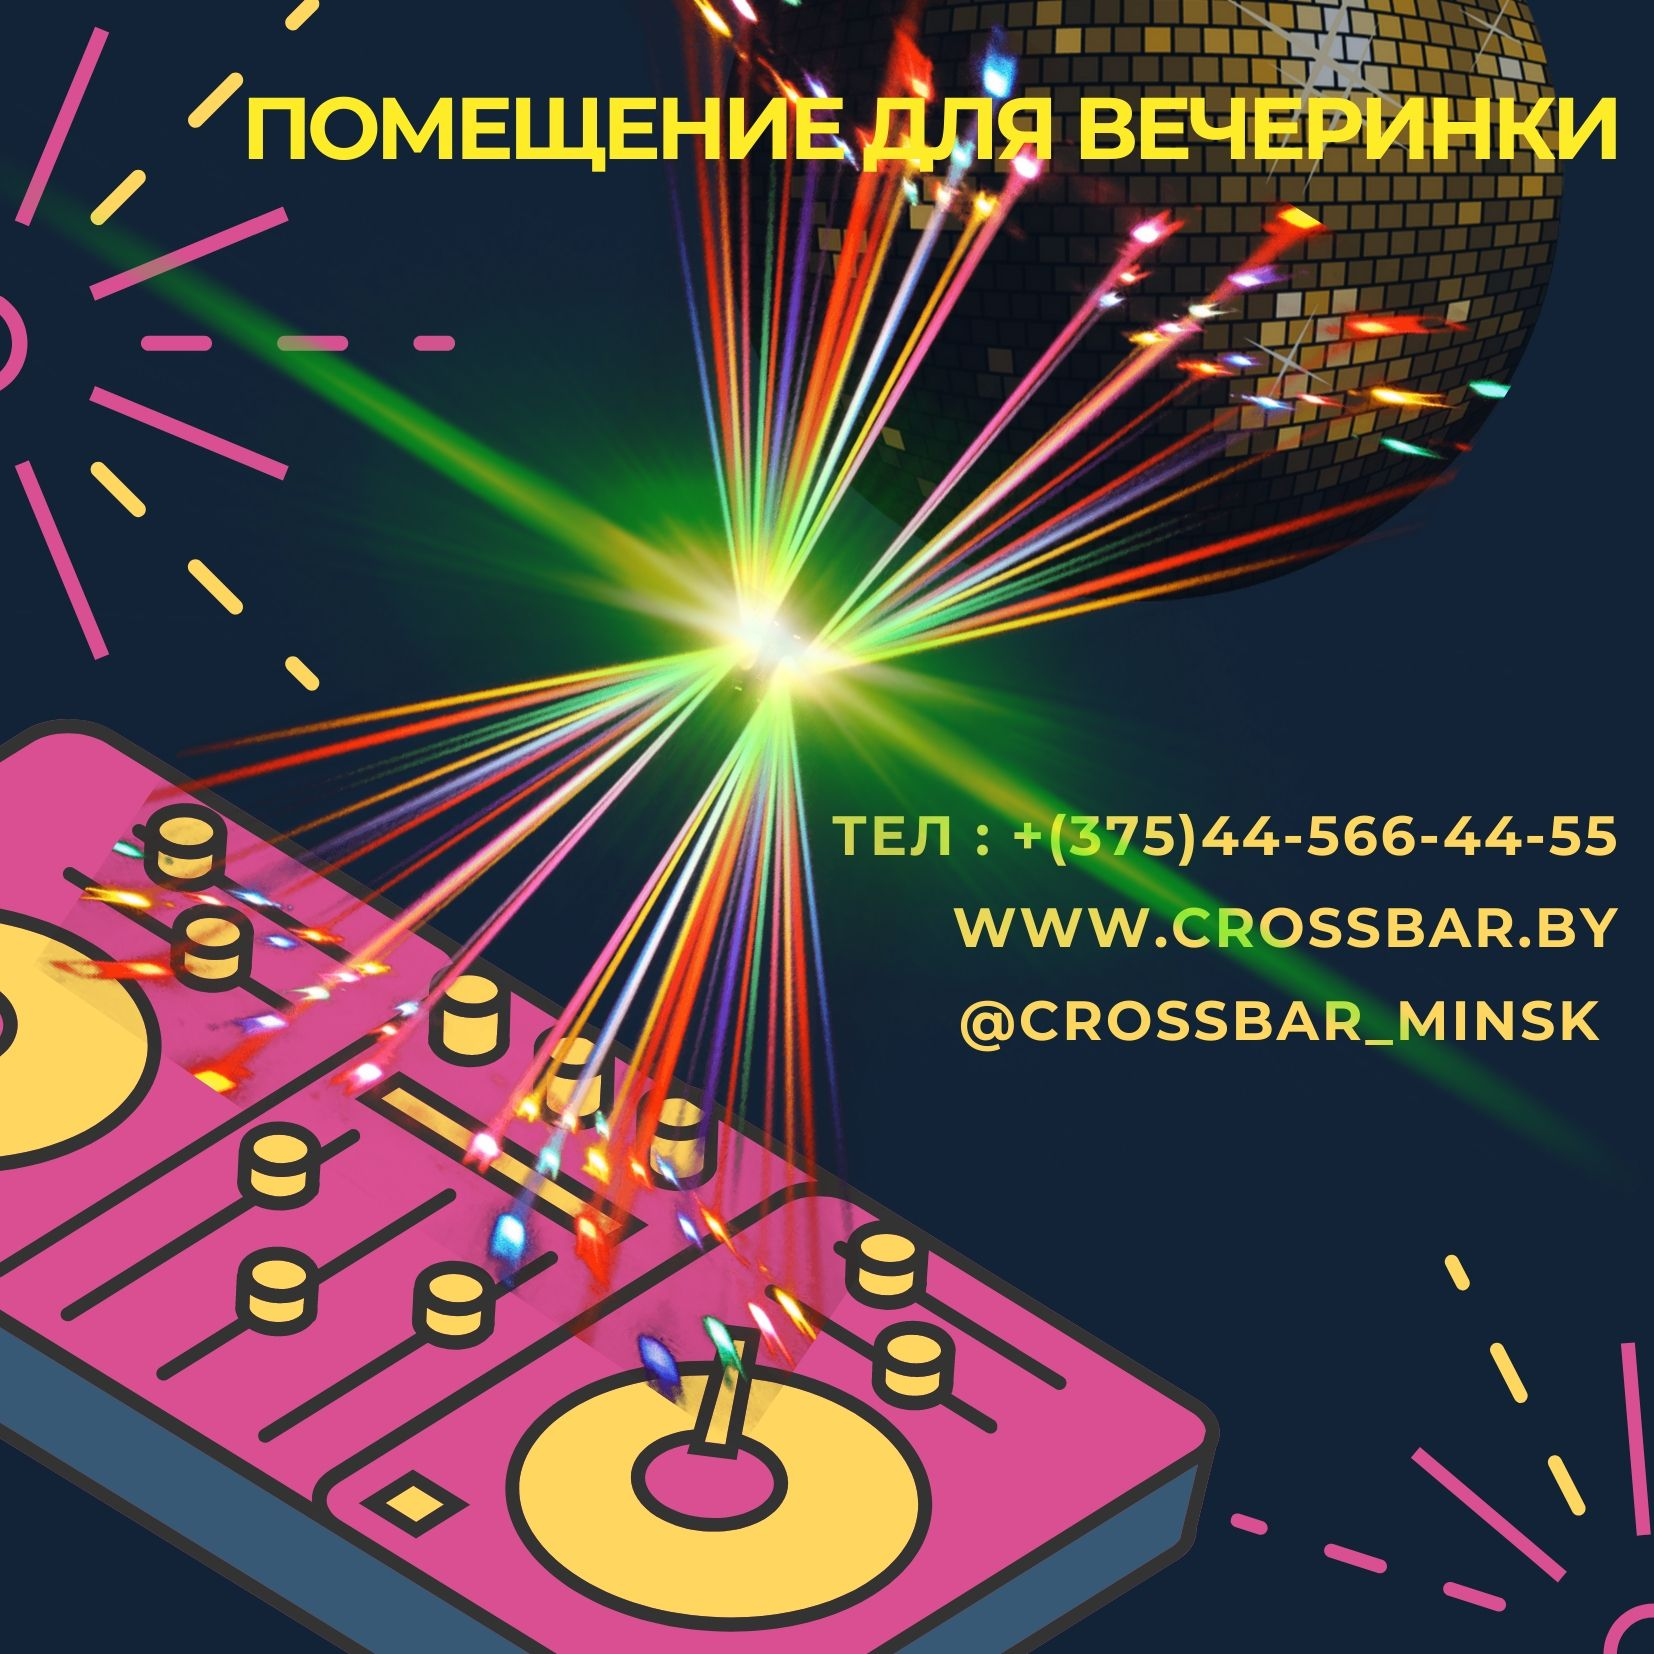 аренда для вечеринки_arenda_minsk